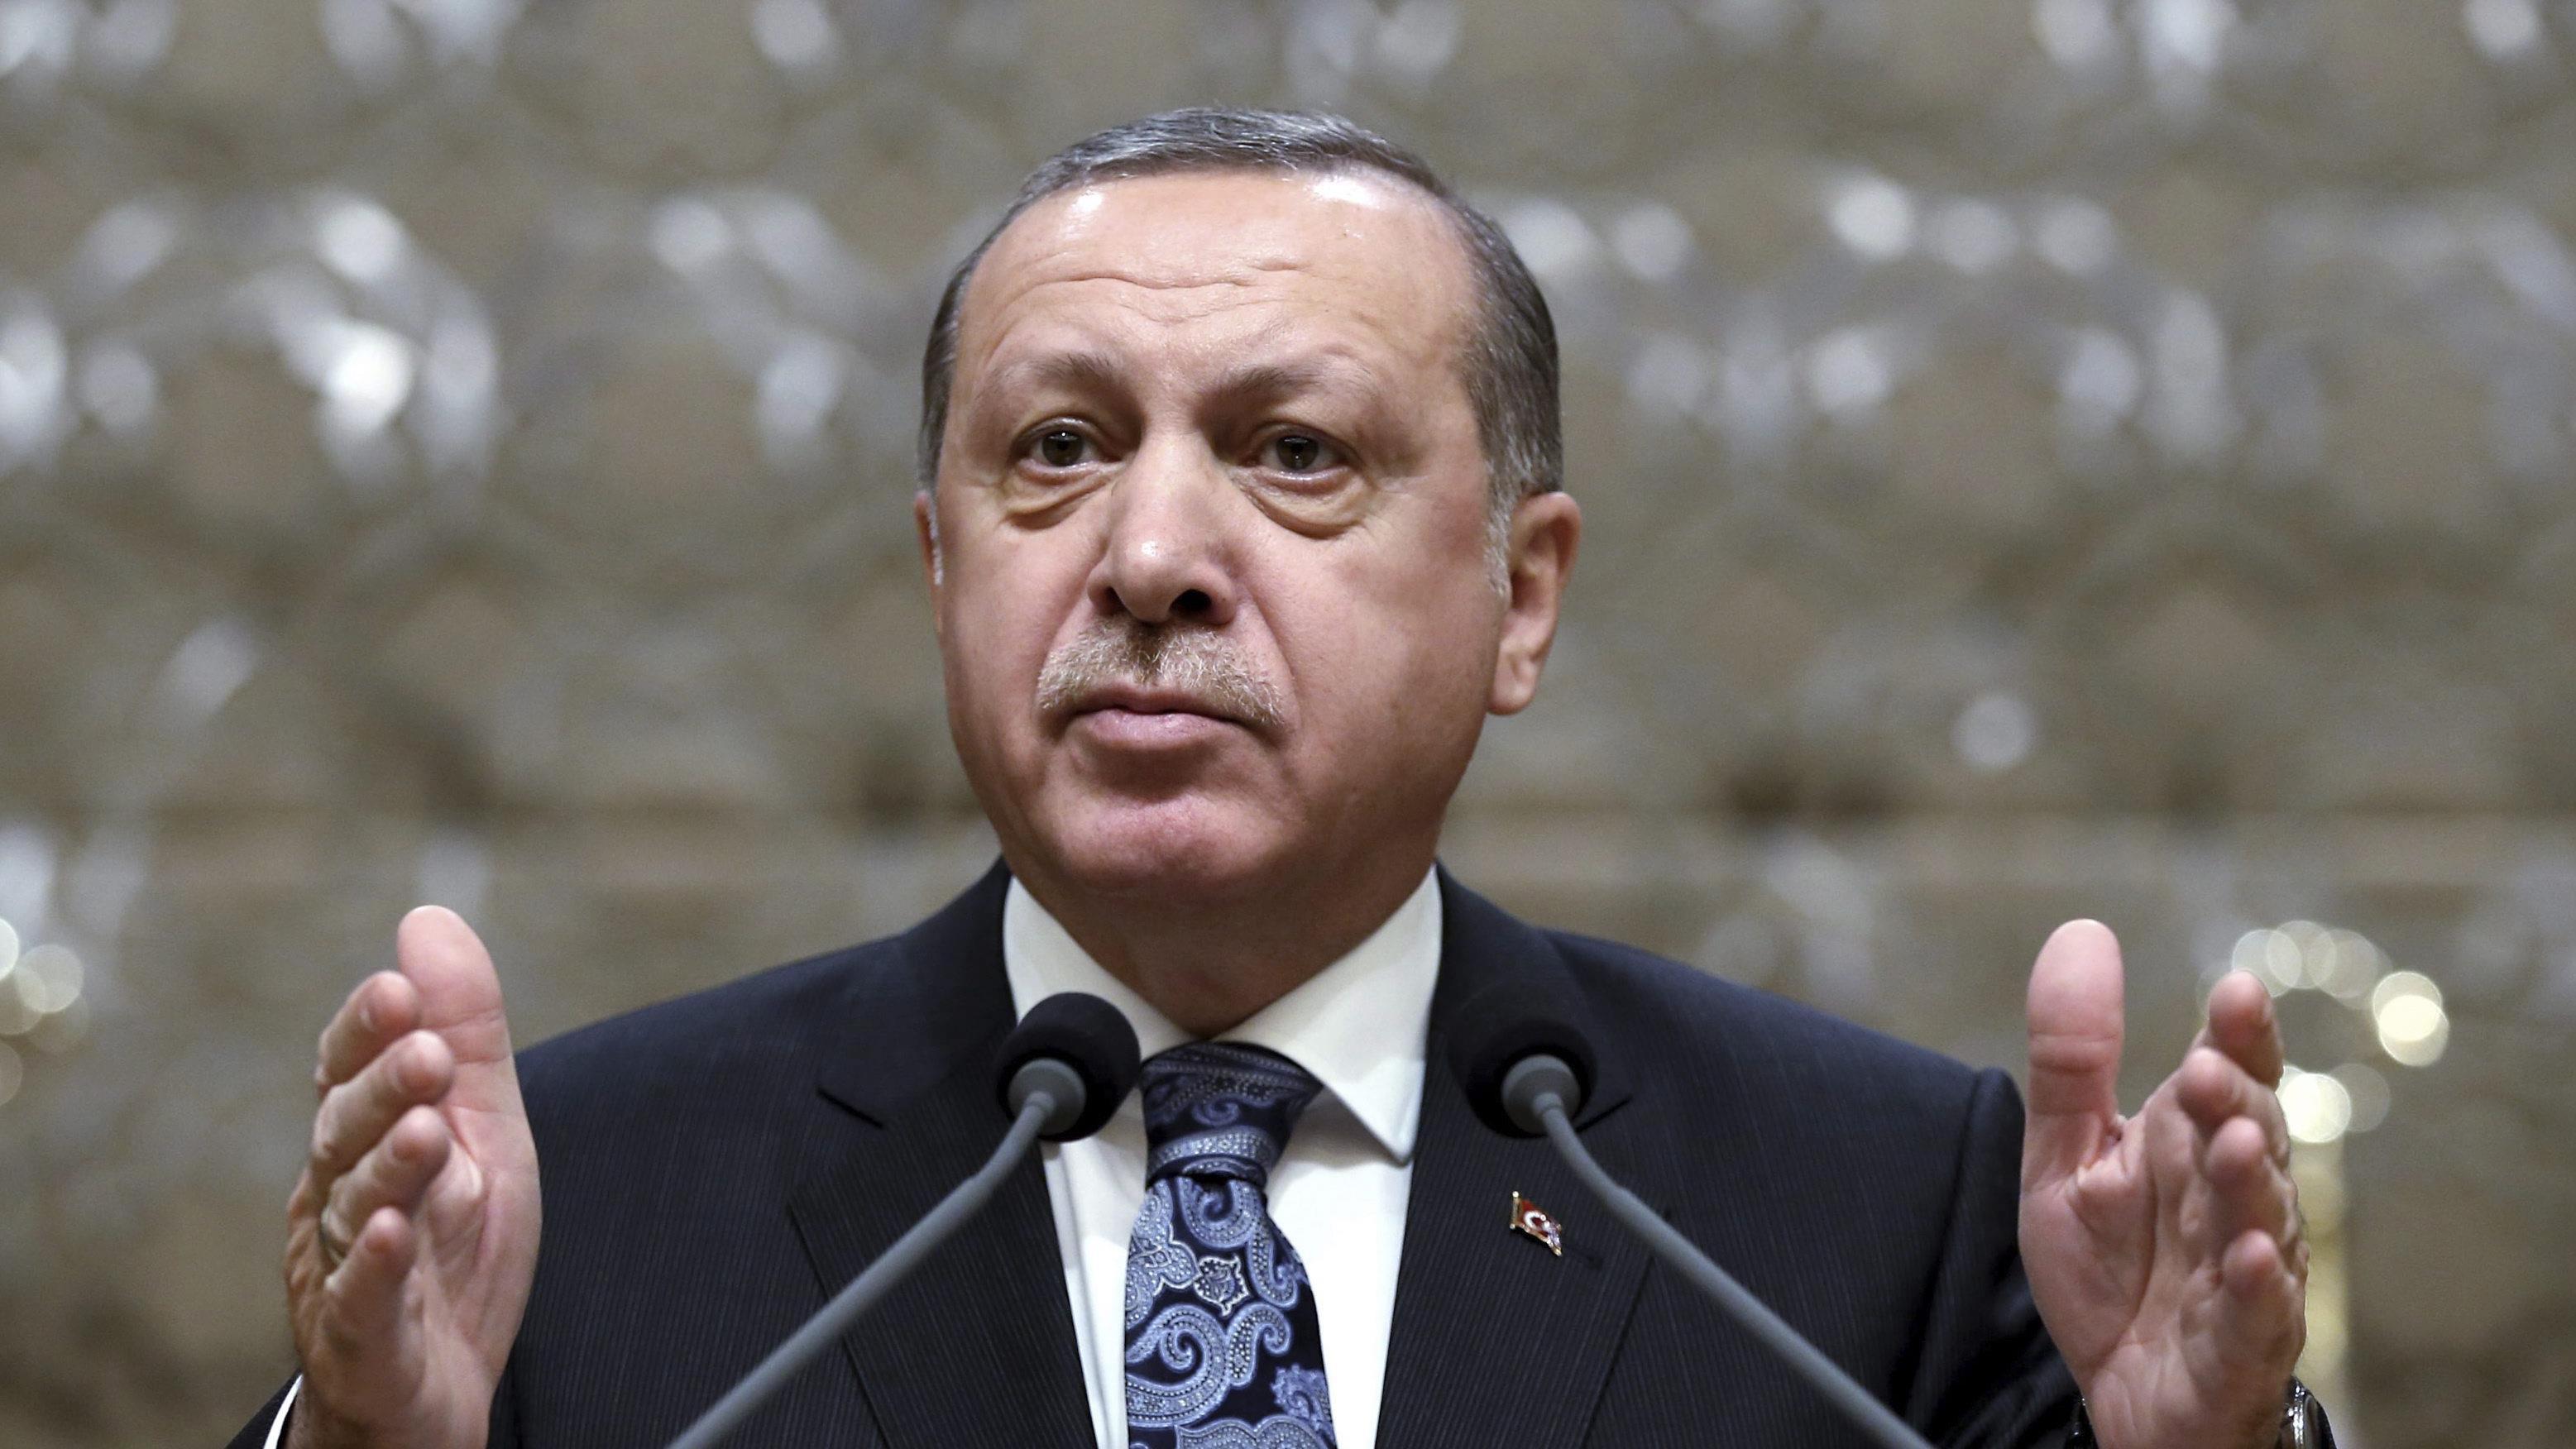 L'élargissement des pouvoirs du président turc adopté par le Parlement